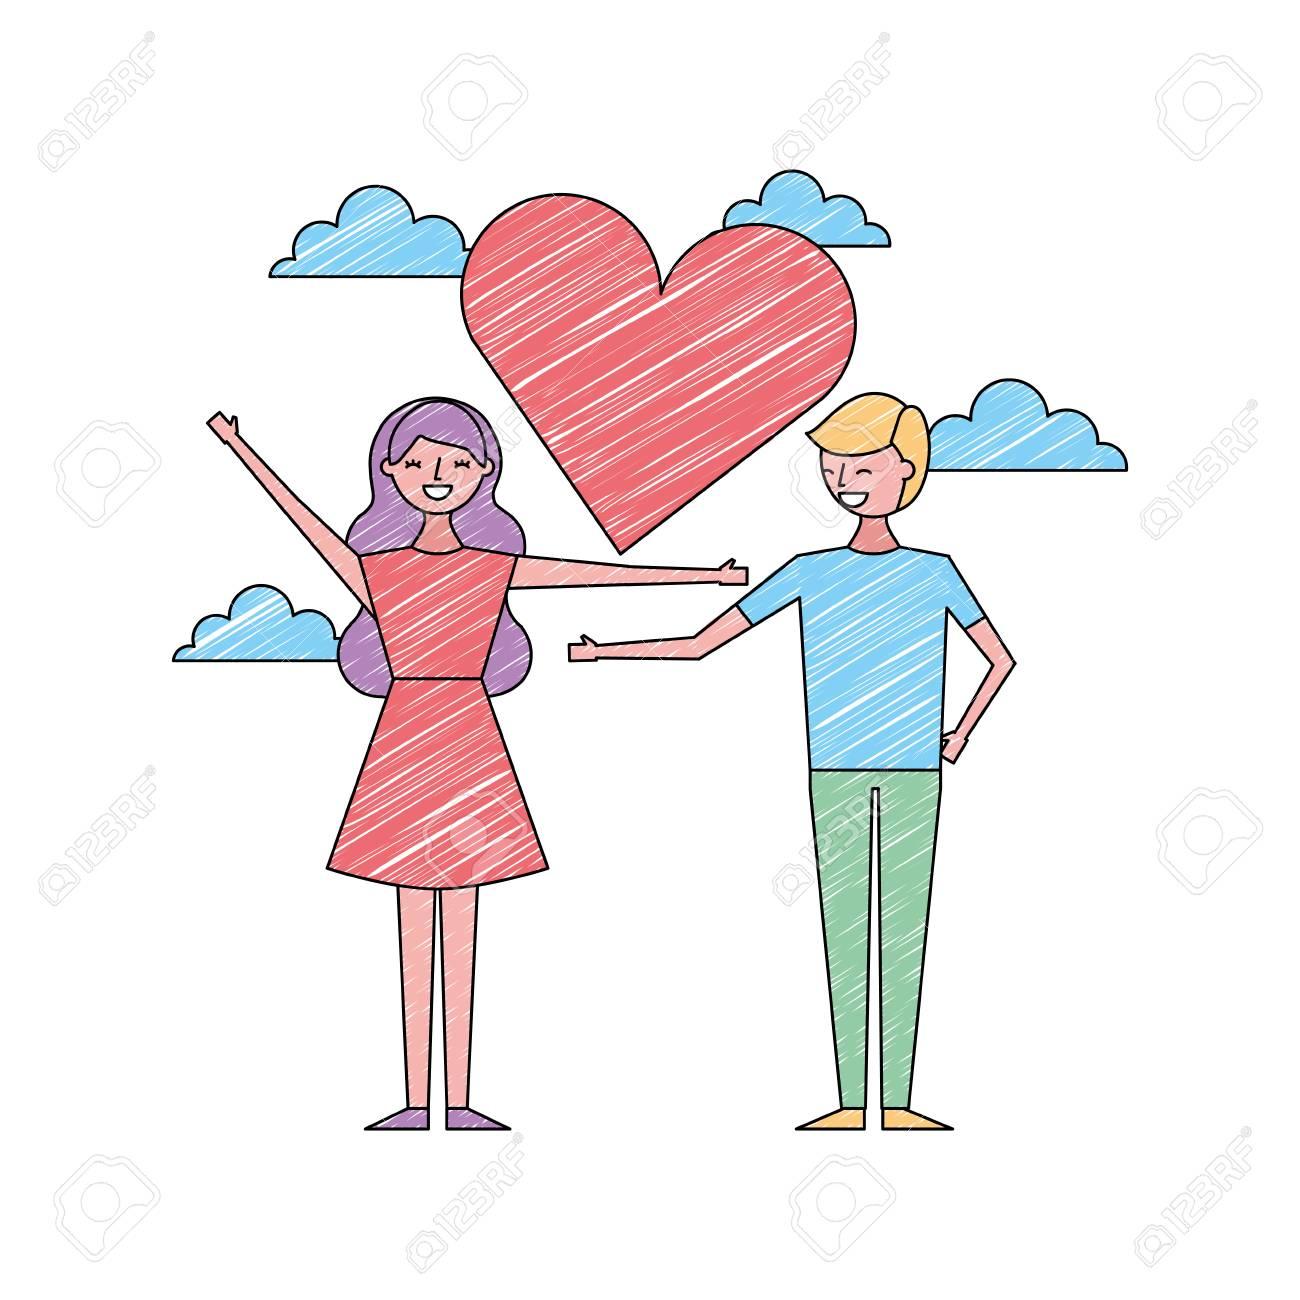 Couple De Jeunes Dans Le Coeur D 39 Amour Romantique Couleur Vecteur De Conception De Dessin Animé